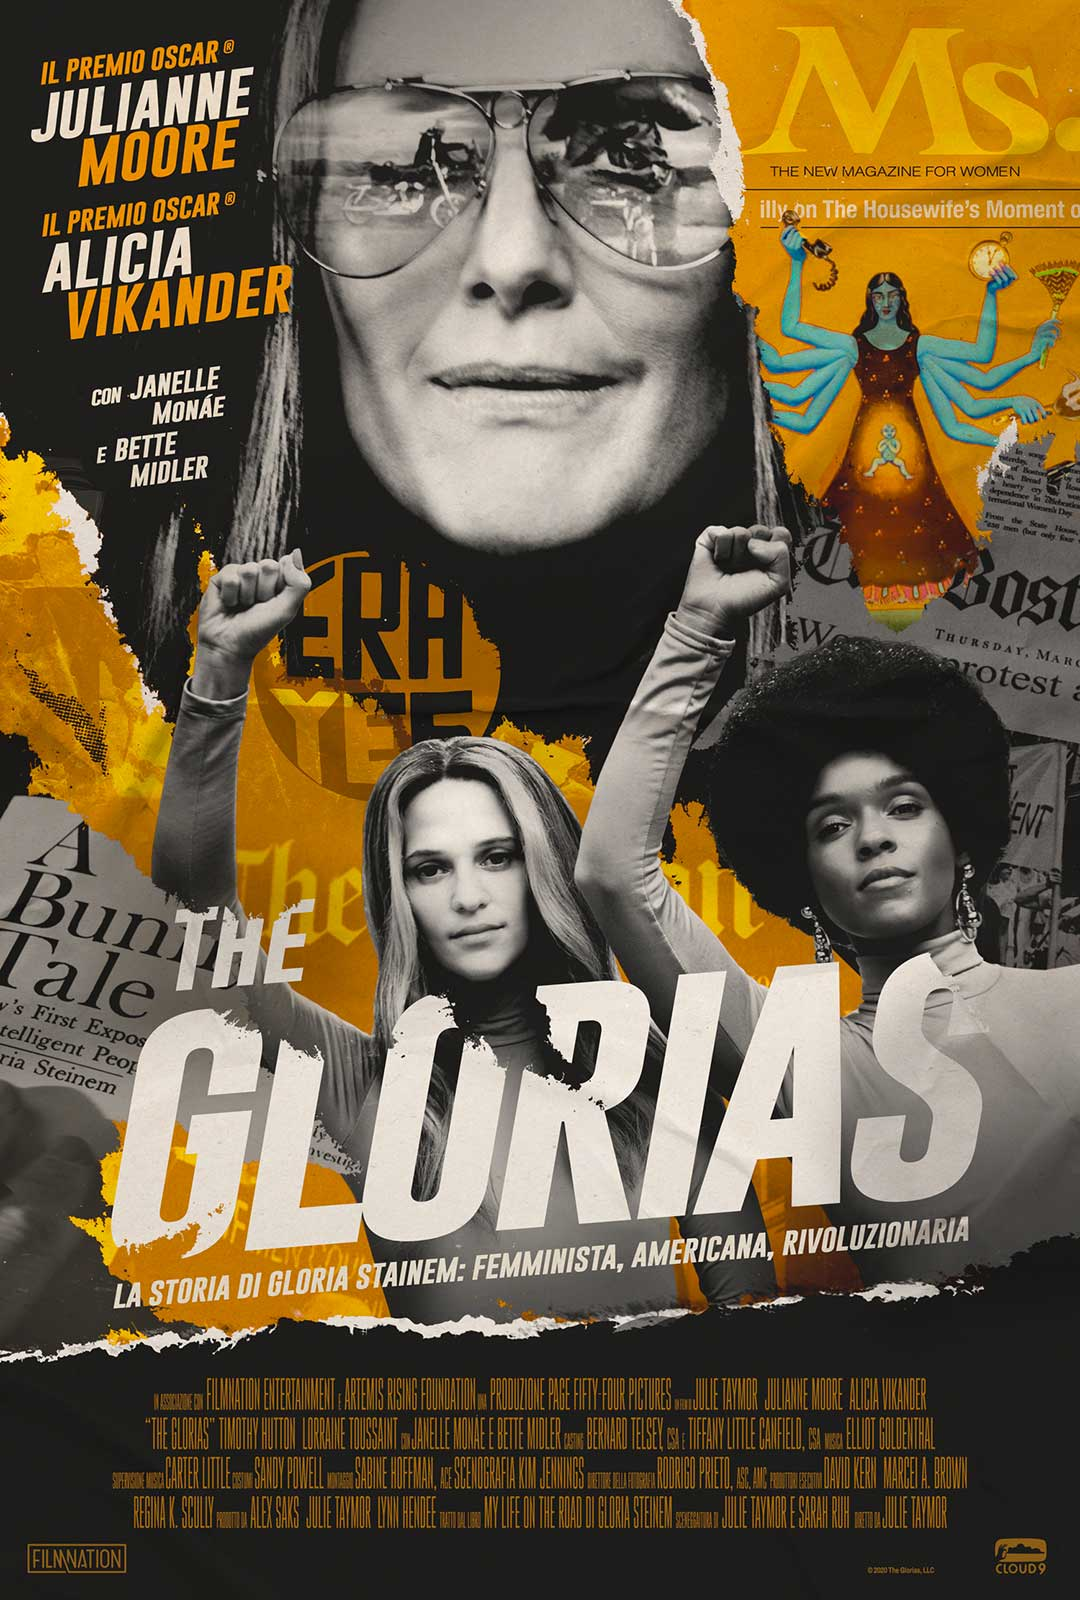 THE GLORIAS: un travolgente invito all'azione